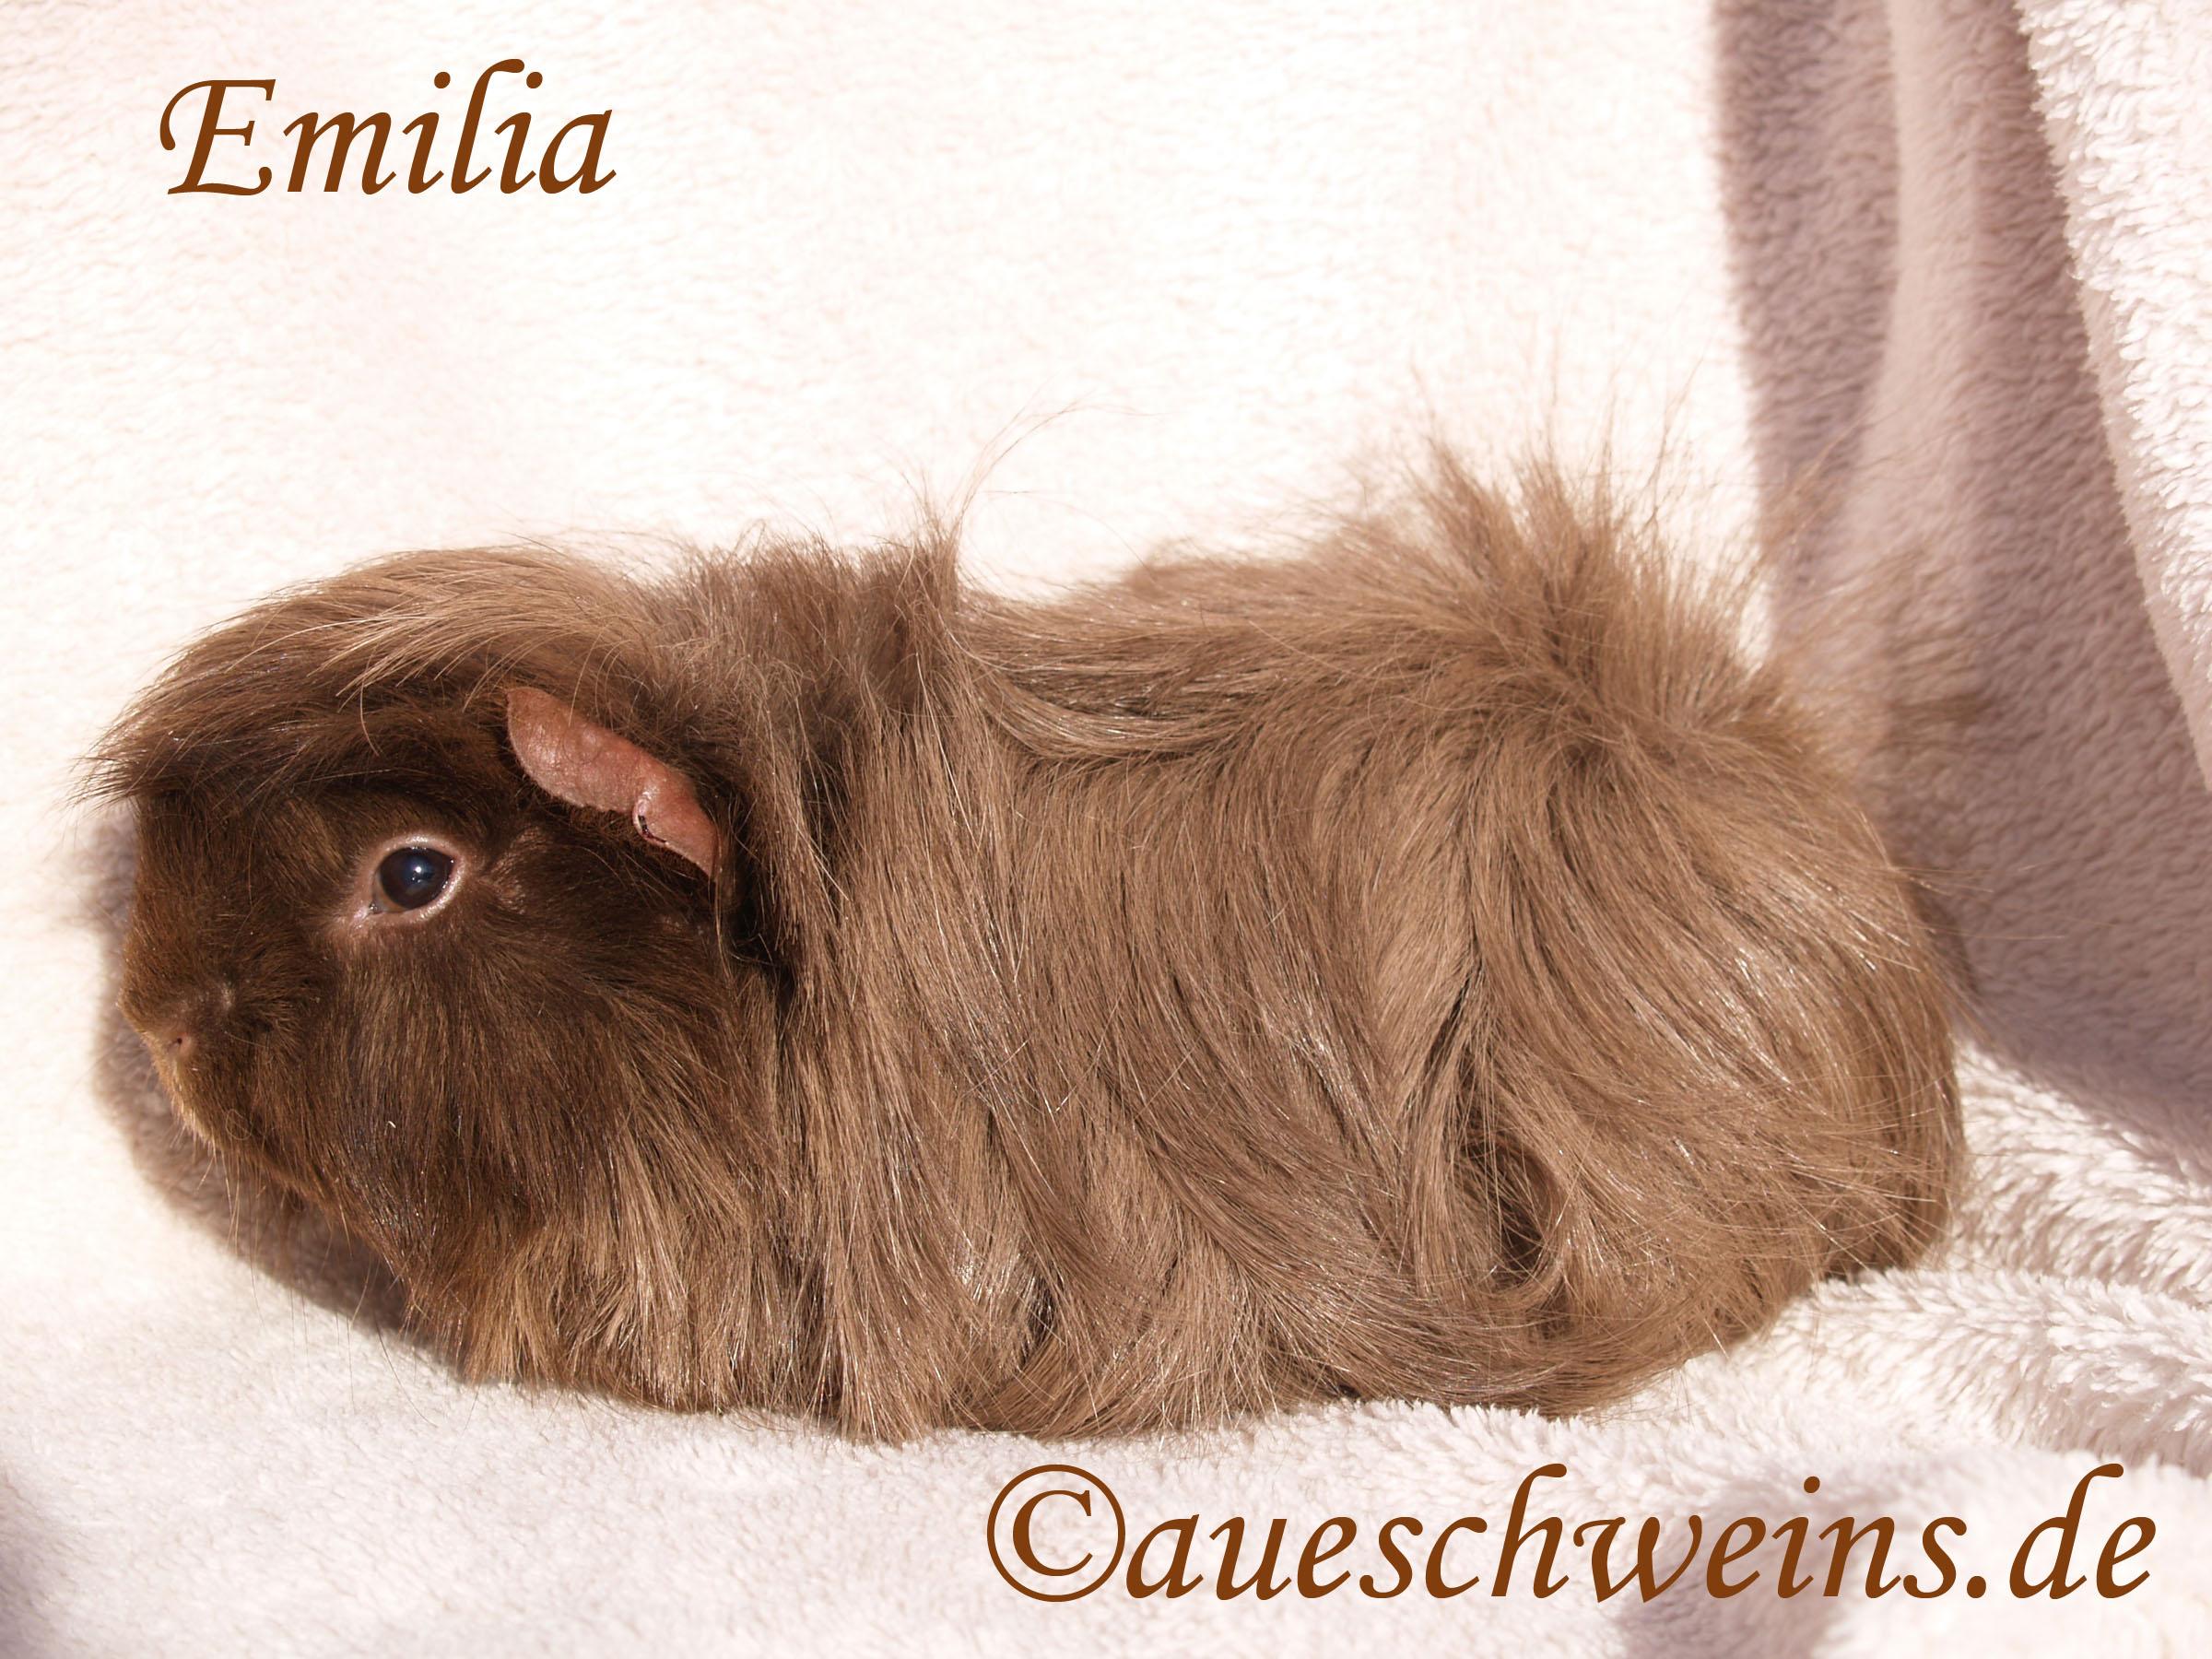 Emilia von den Aueschweins